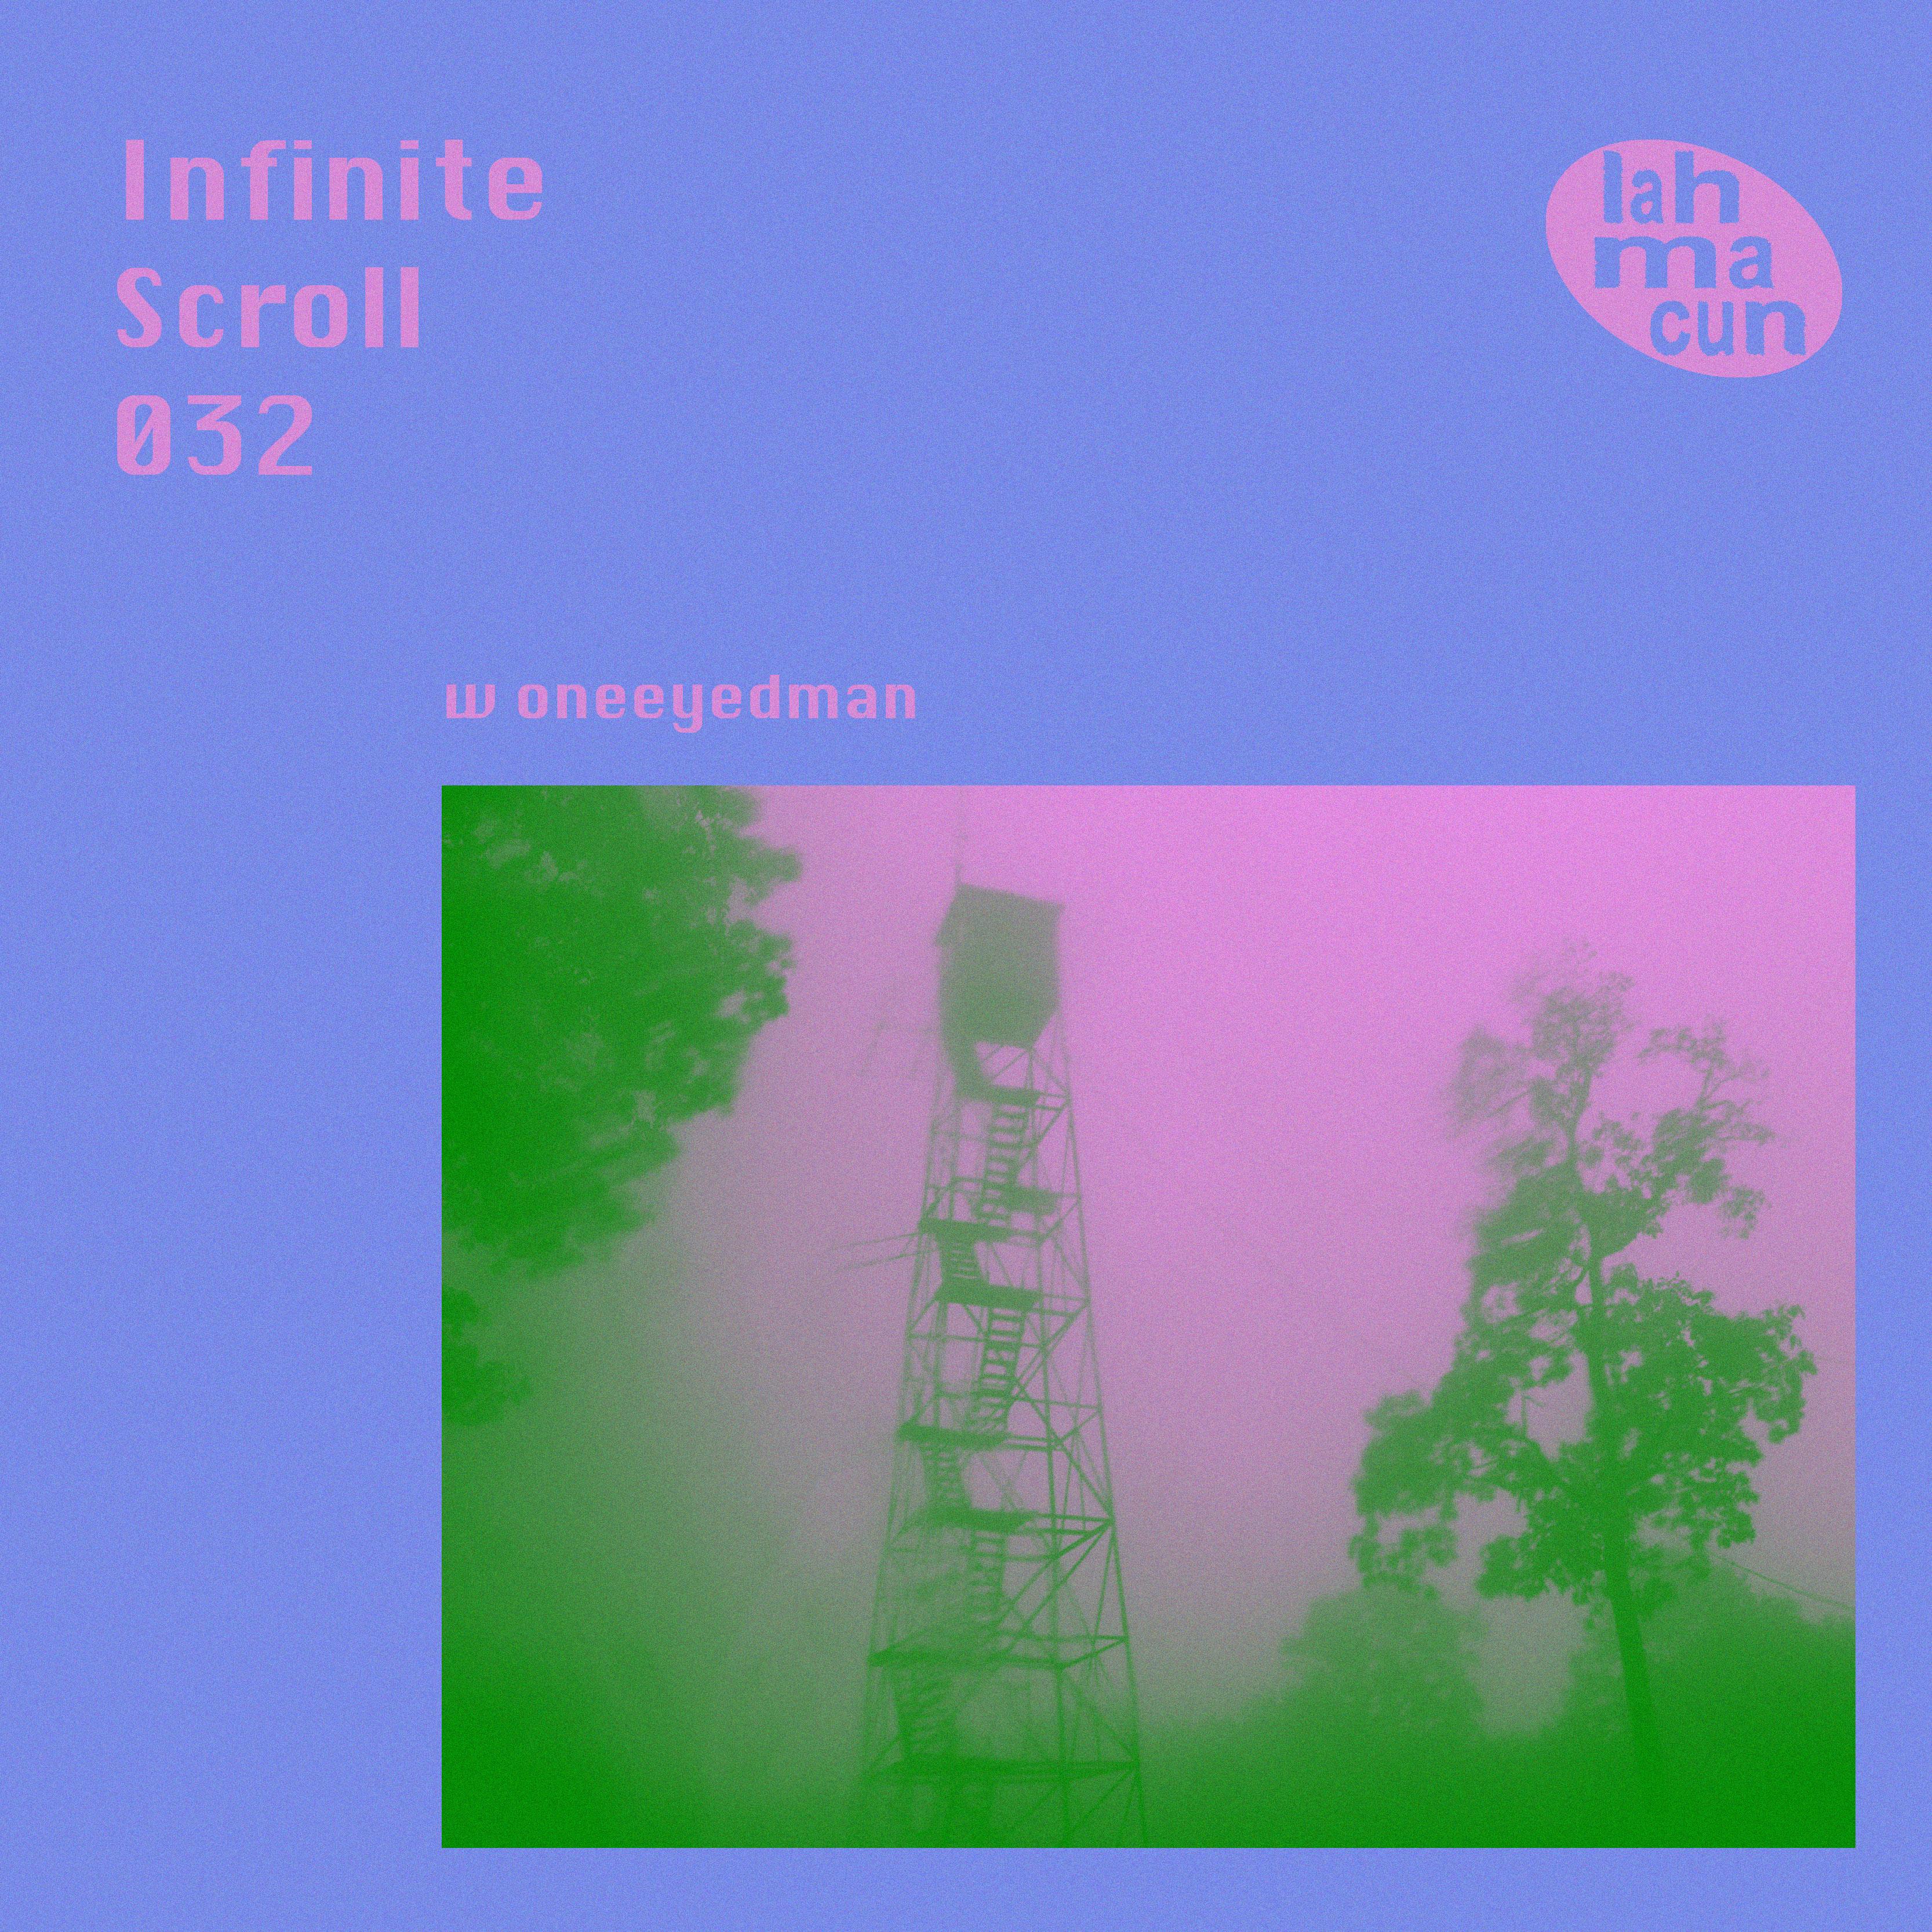 Infinite Scroll 032 w oneeyedman